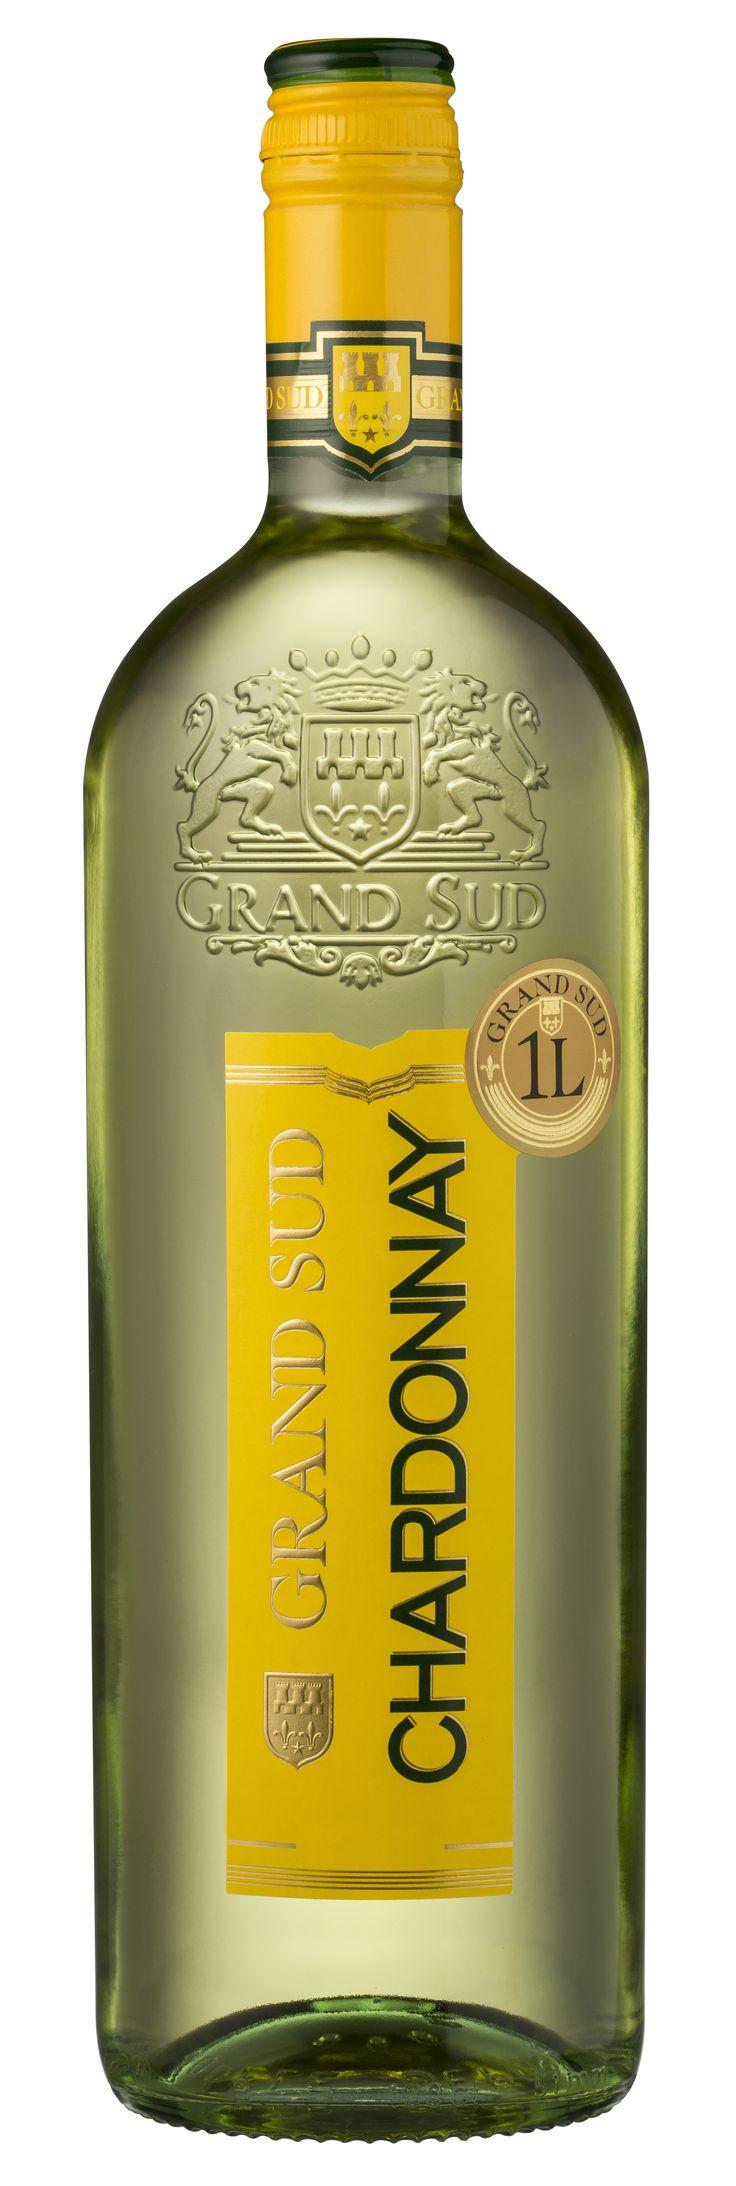 Agréable à l'apéritif, ce #vin accompagne à merveille les poissons, les volailles et les fromages. #Chardonnay #GrandSud #2013